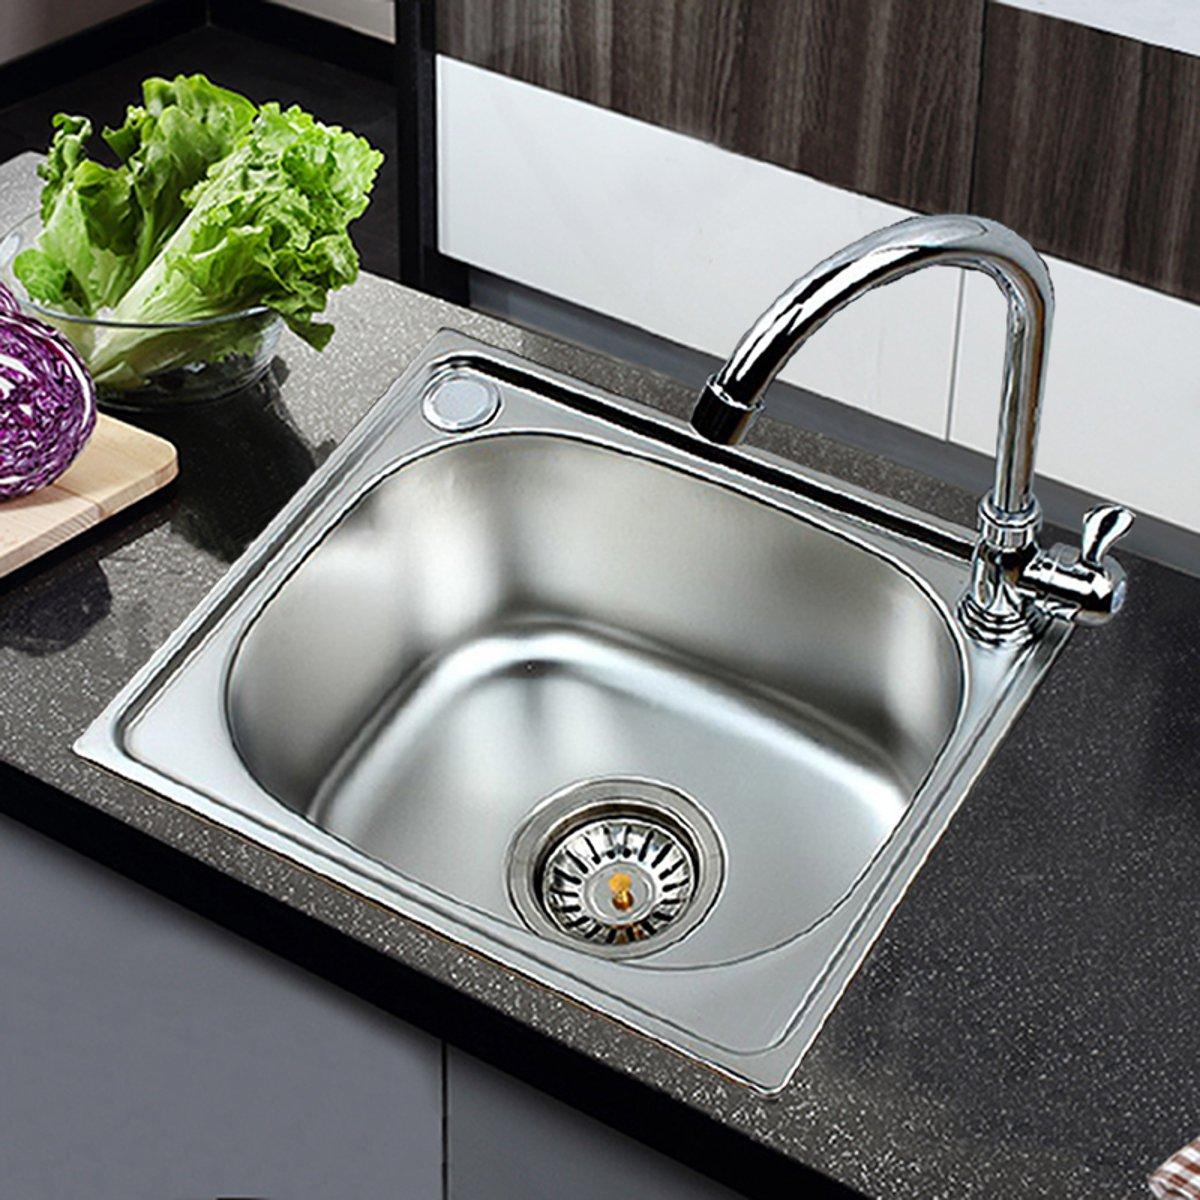 Кухонная раковина из нержавеющей стали, умывальник с одной чашей, для прачечной, питание, Topmount, квадратный + Слив, Овощной Умывальник